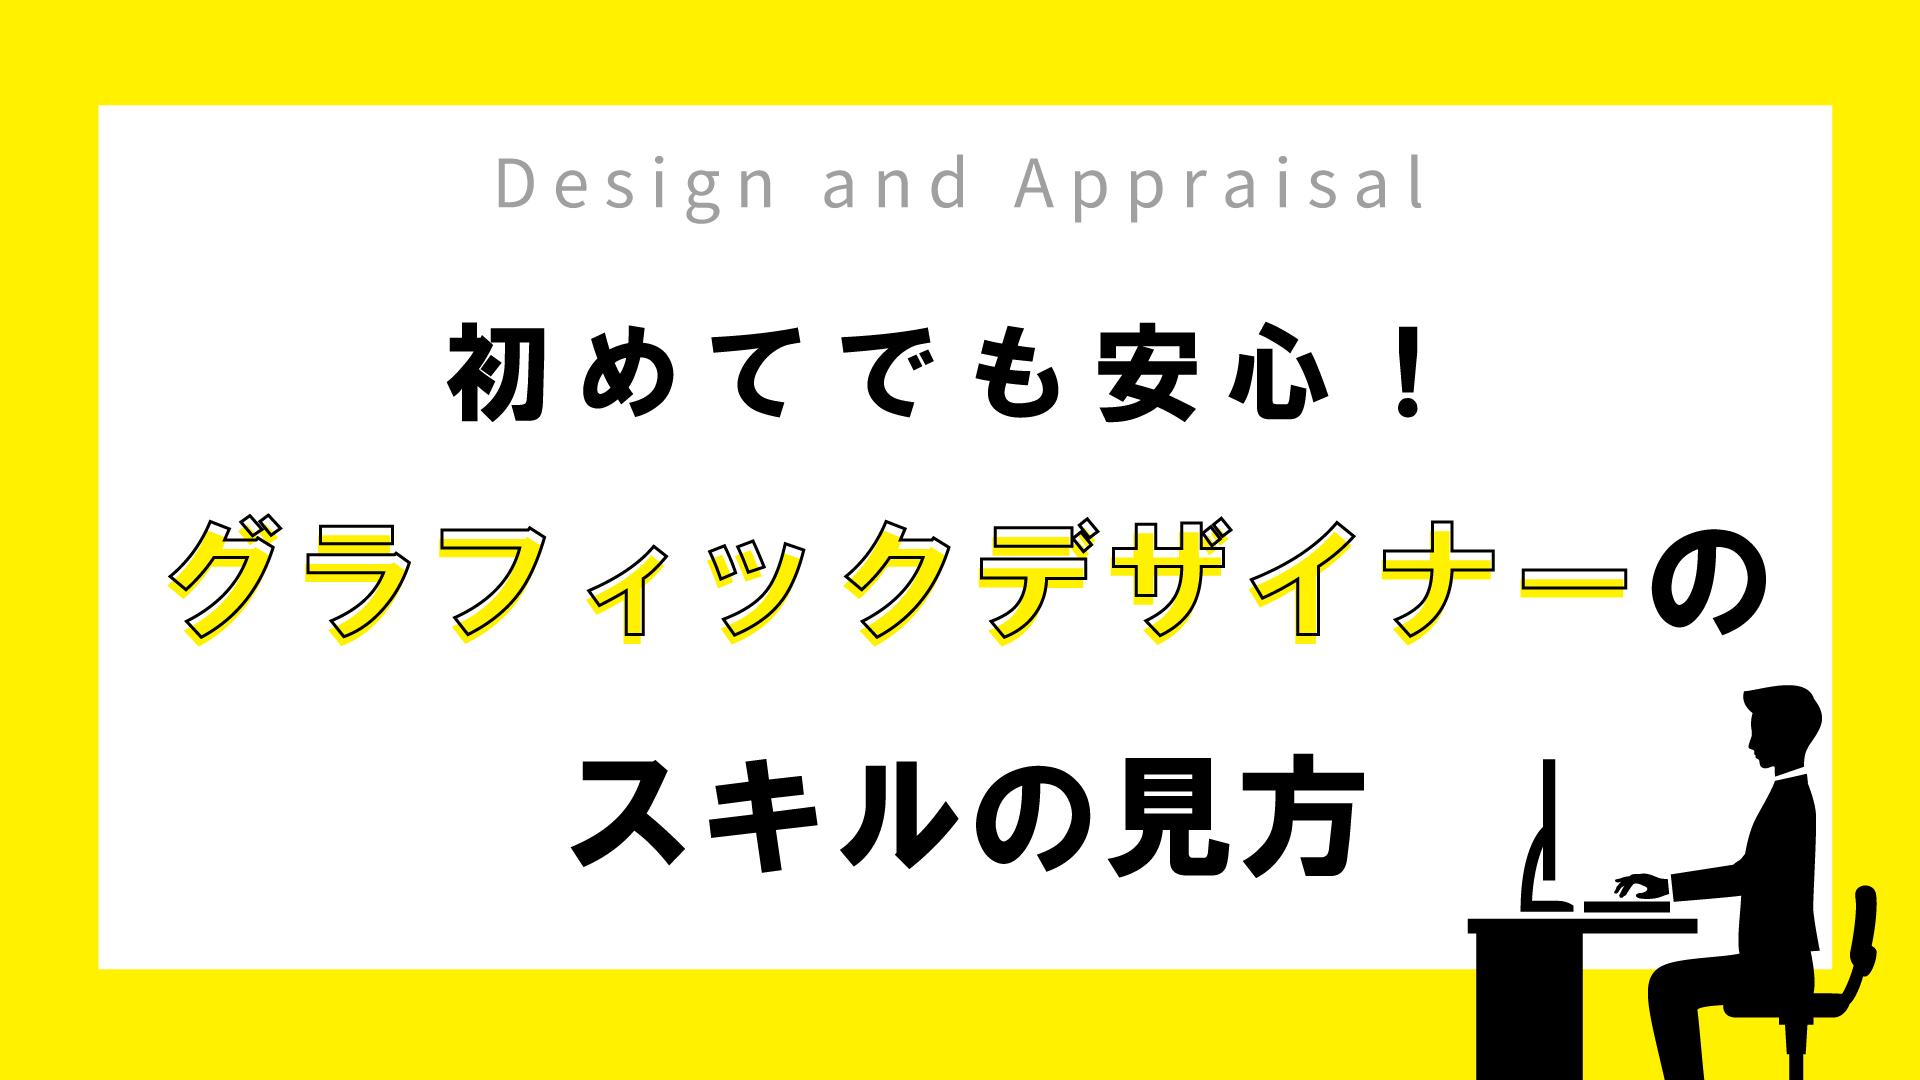 初めてでも安心!グラフィックデザイナーの選考課題とスキル評価のしかた | ビジネス部デザイン課